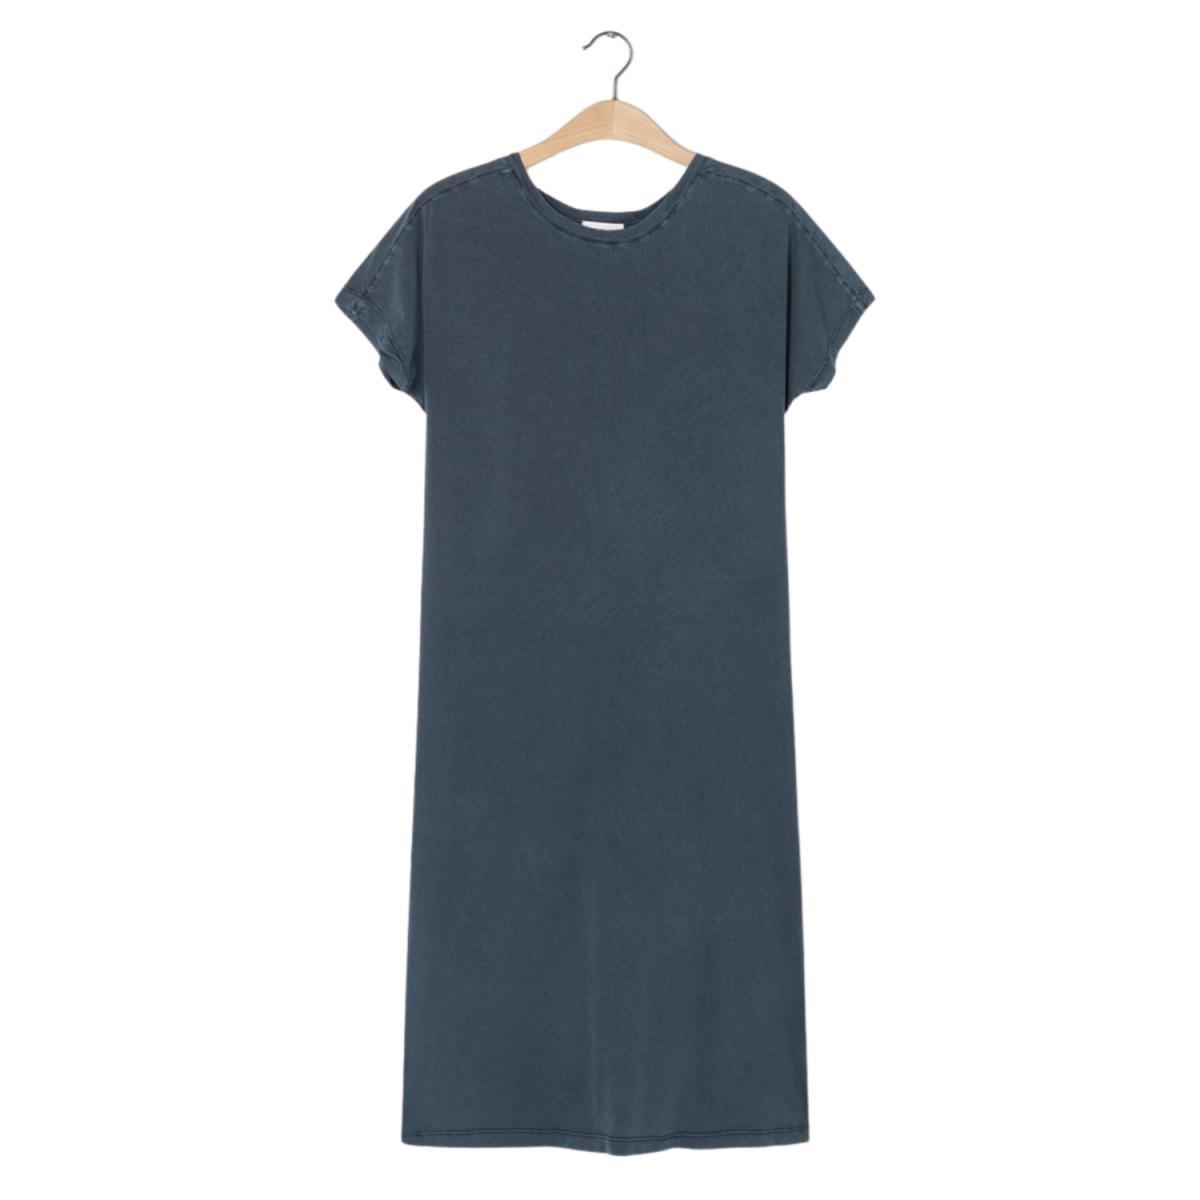 decatur kjole - vintage darkness